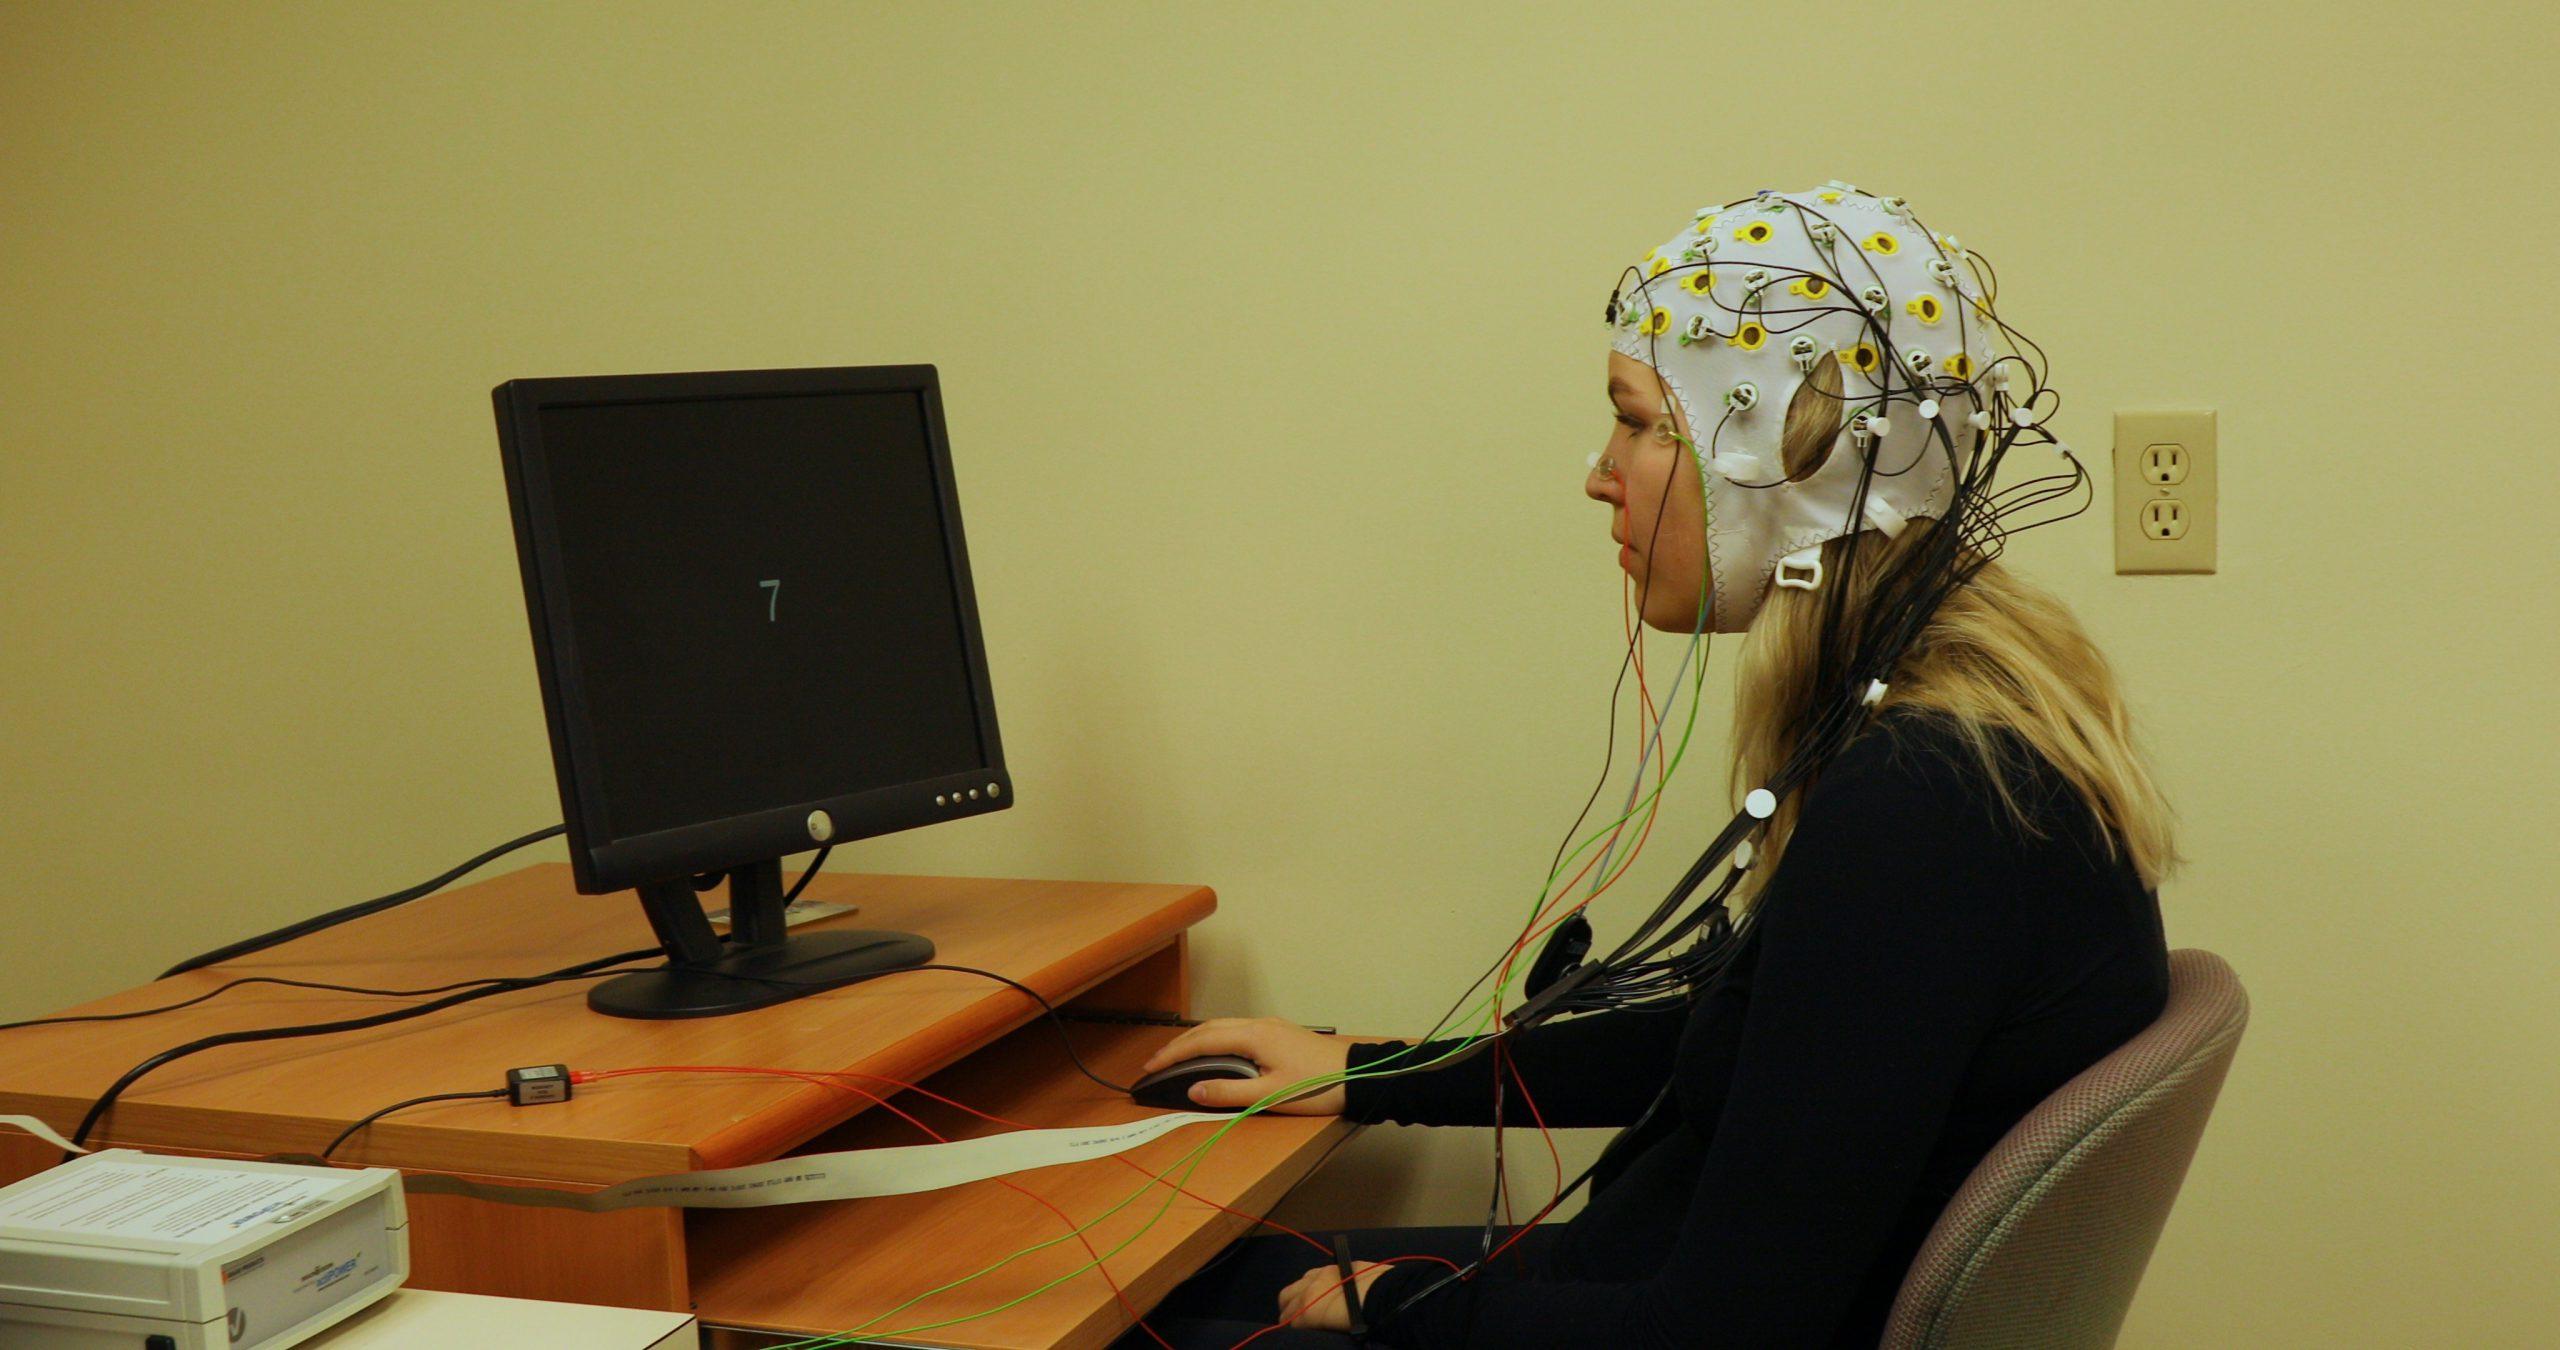 Jenna at Monitor